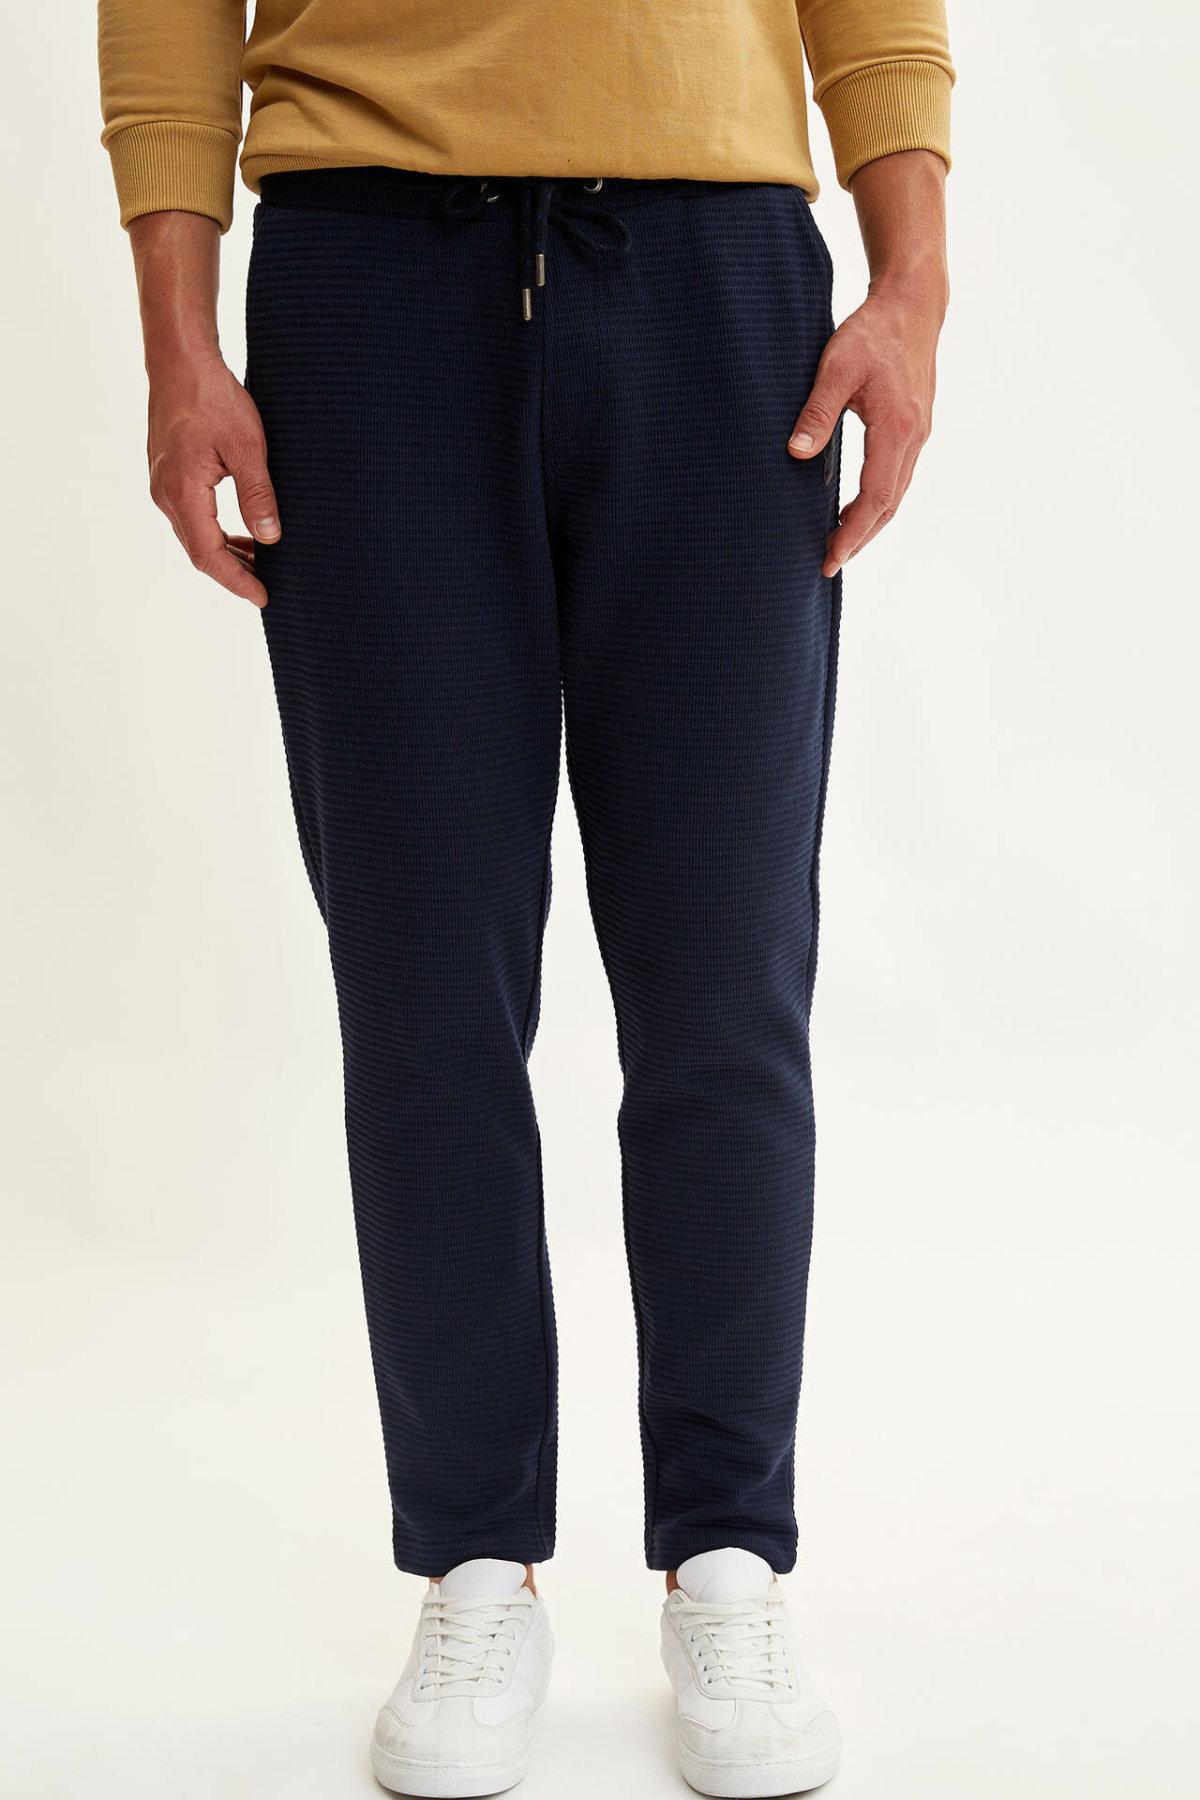 DeFacto Fashion Men's Sport Pants Casual Sweatpants For Men's Drawstring Loose Pants Leisure Black Long Pants -L5748AZ19AU